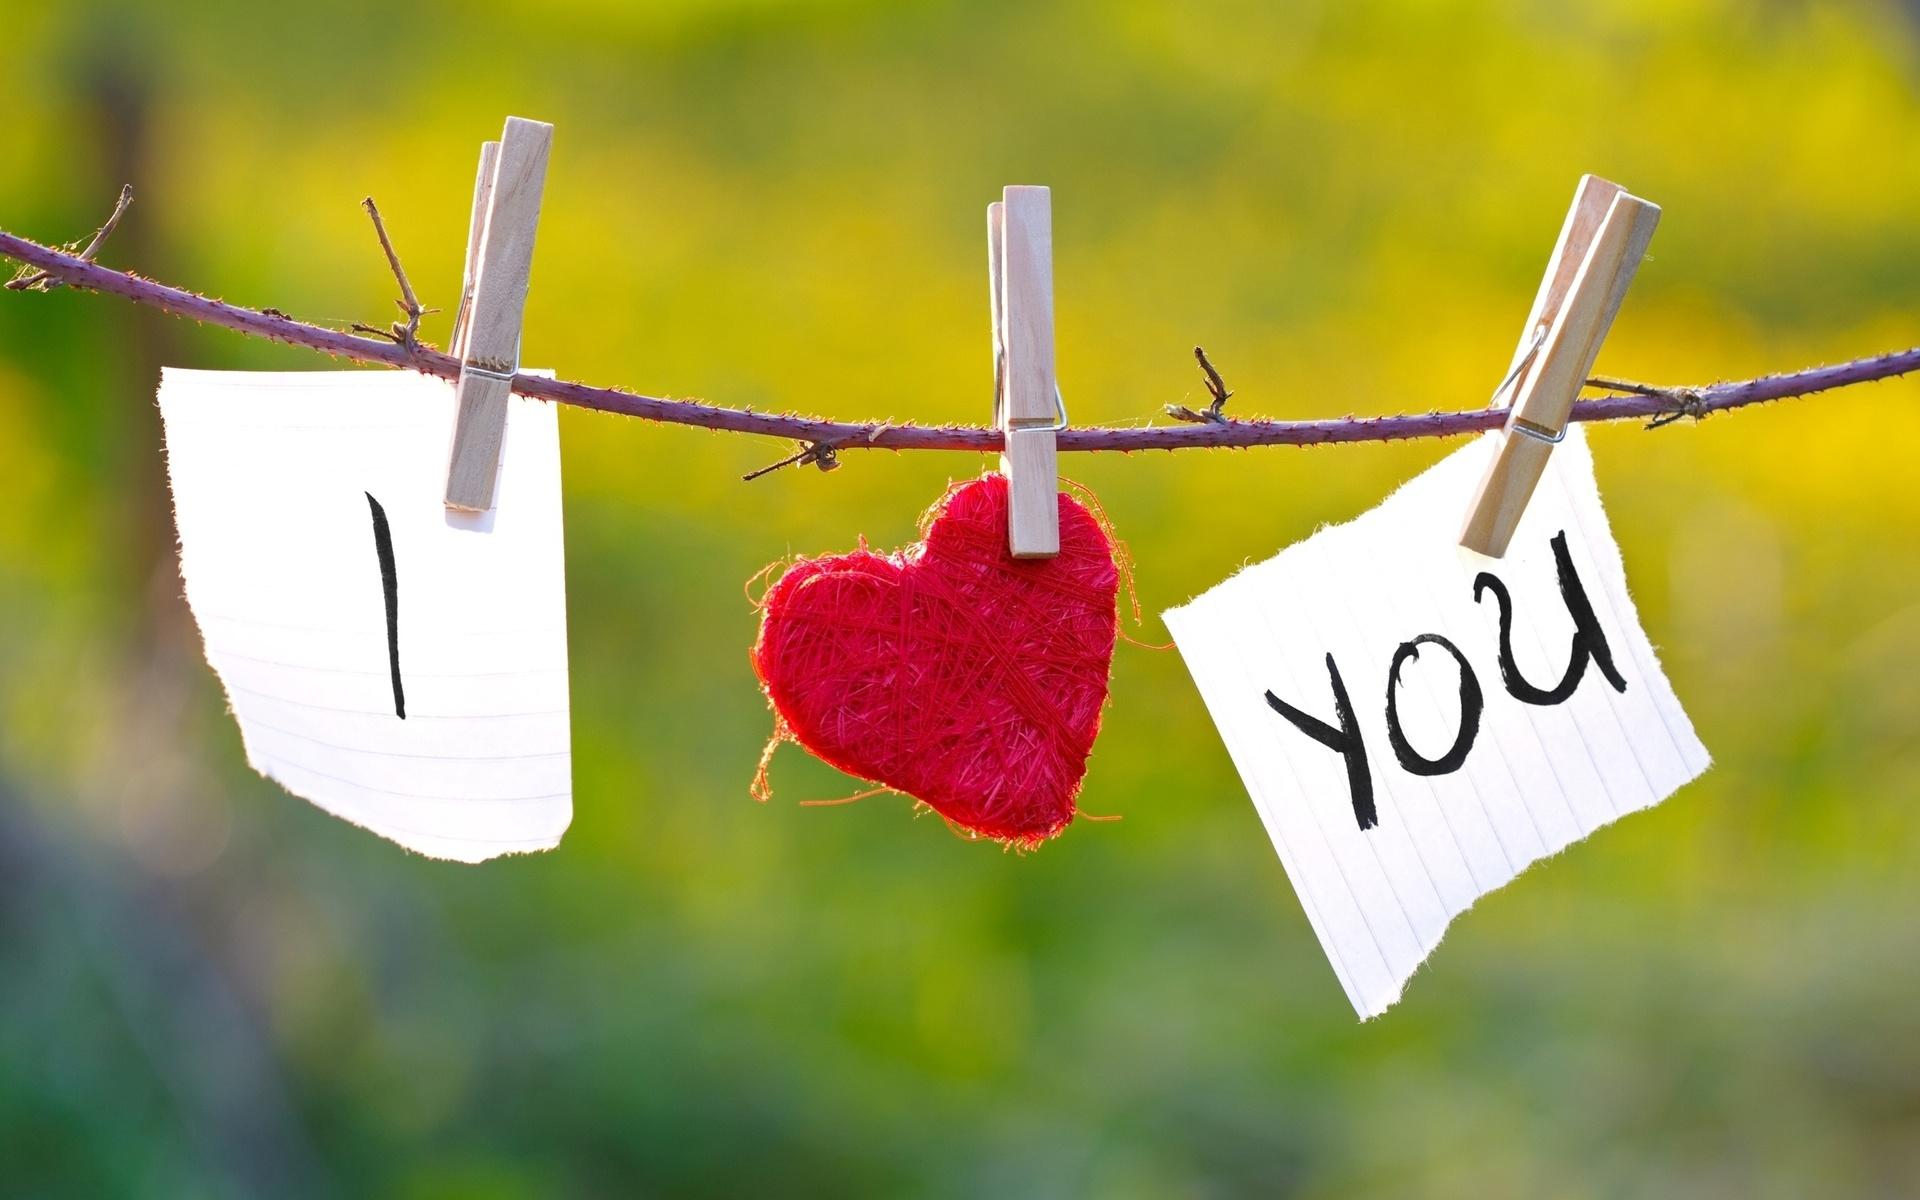 8839468-i-love-you-hd.jpg